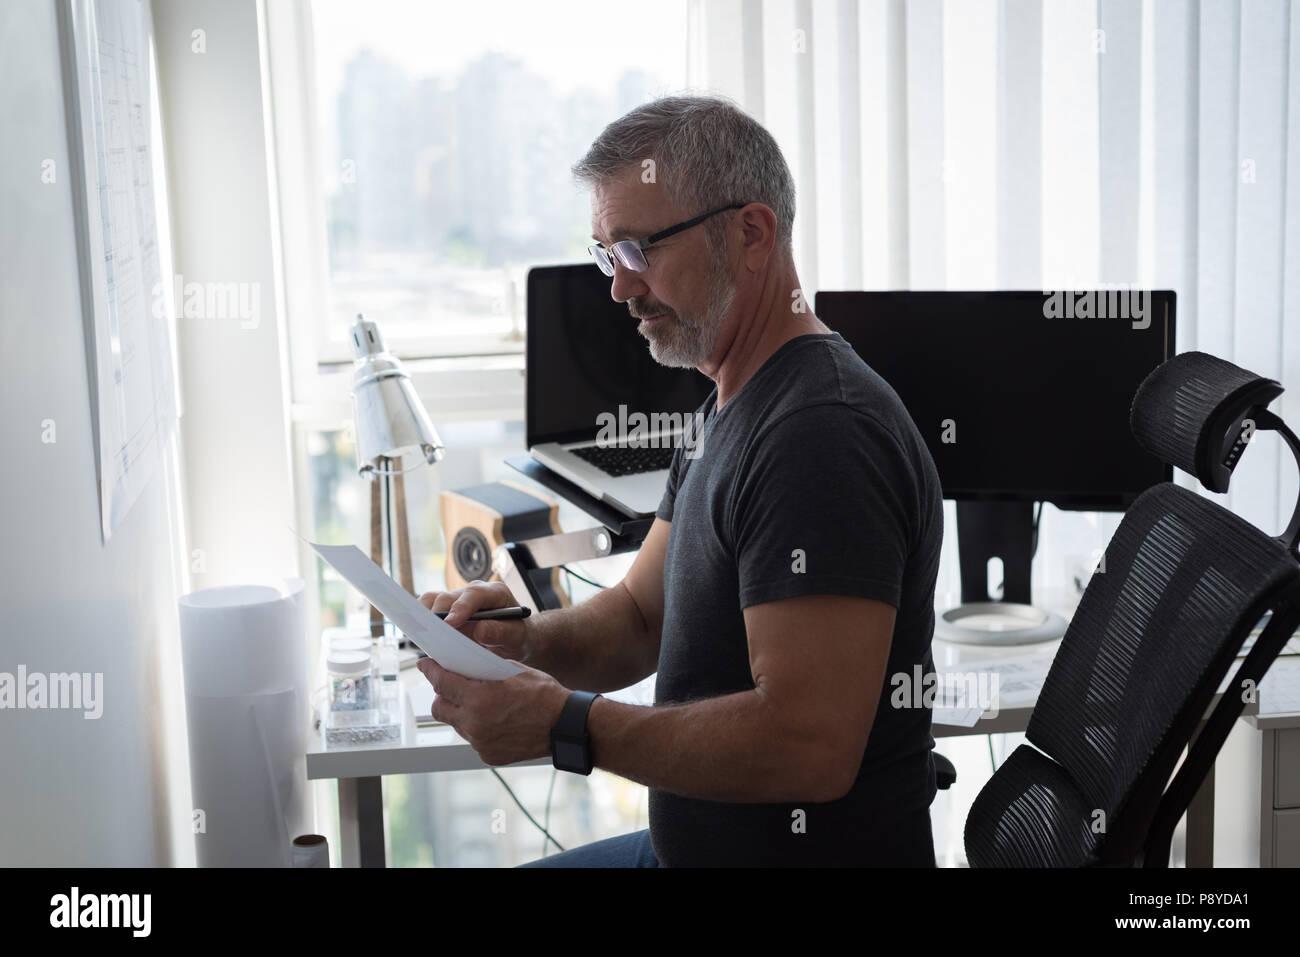 Hombre mirando el gráfico de arquitectura Imagen De Stock